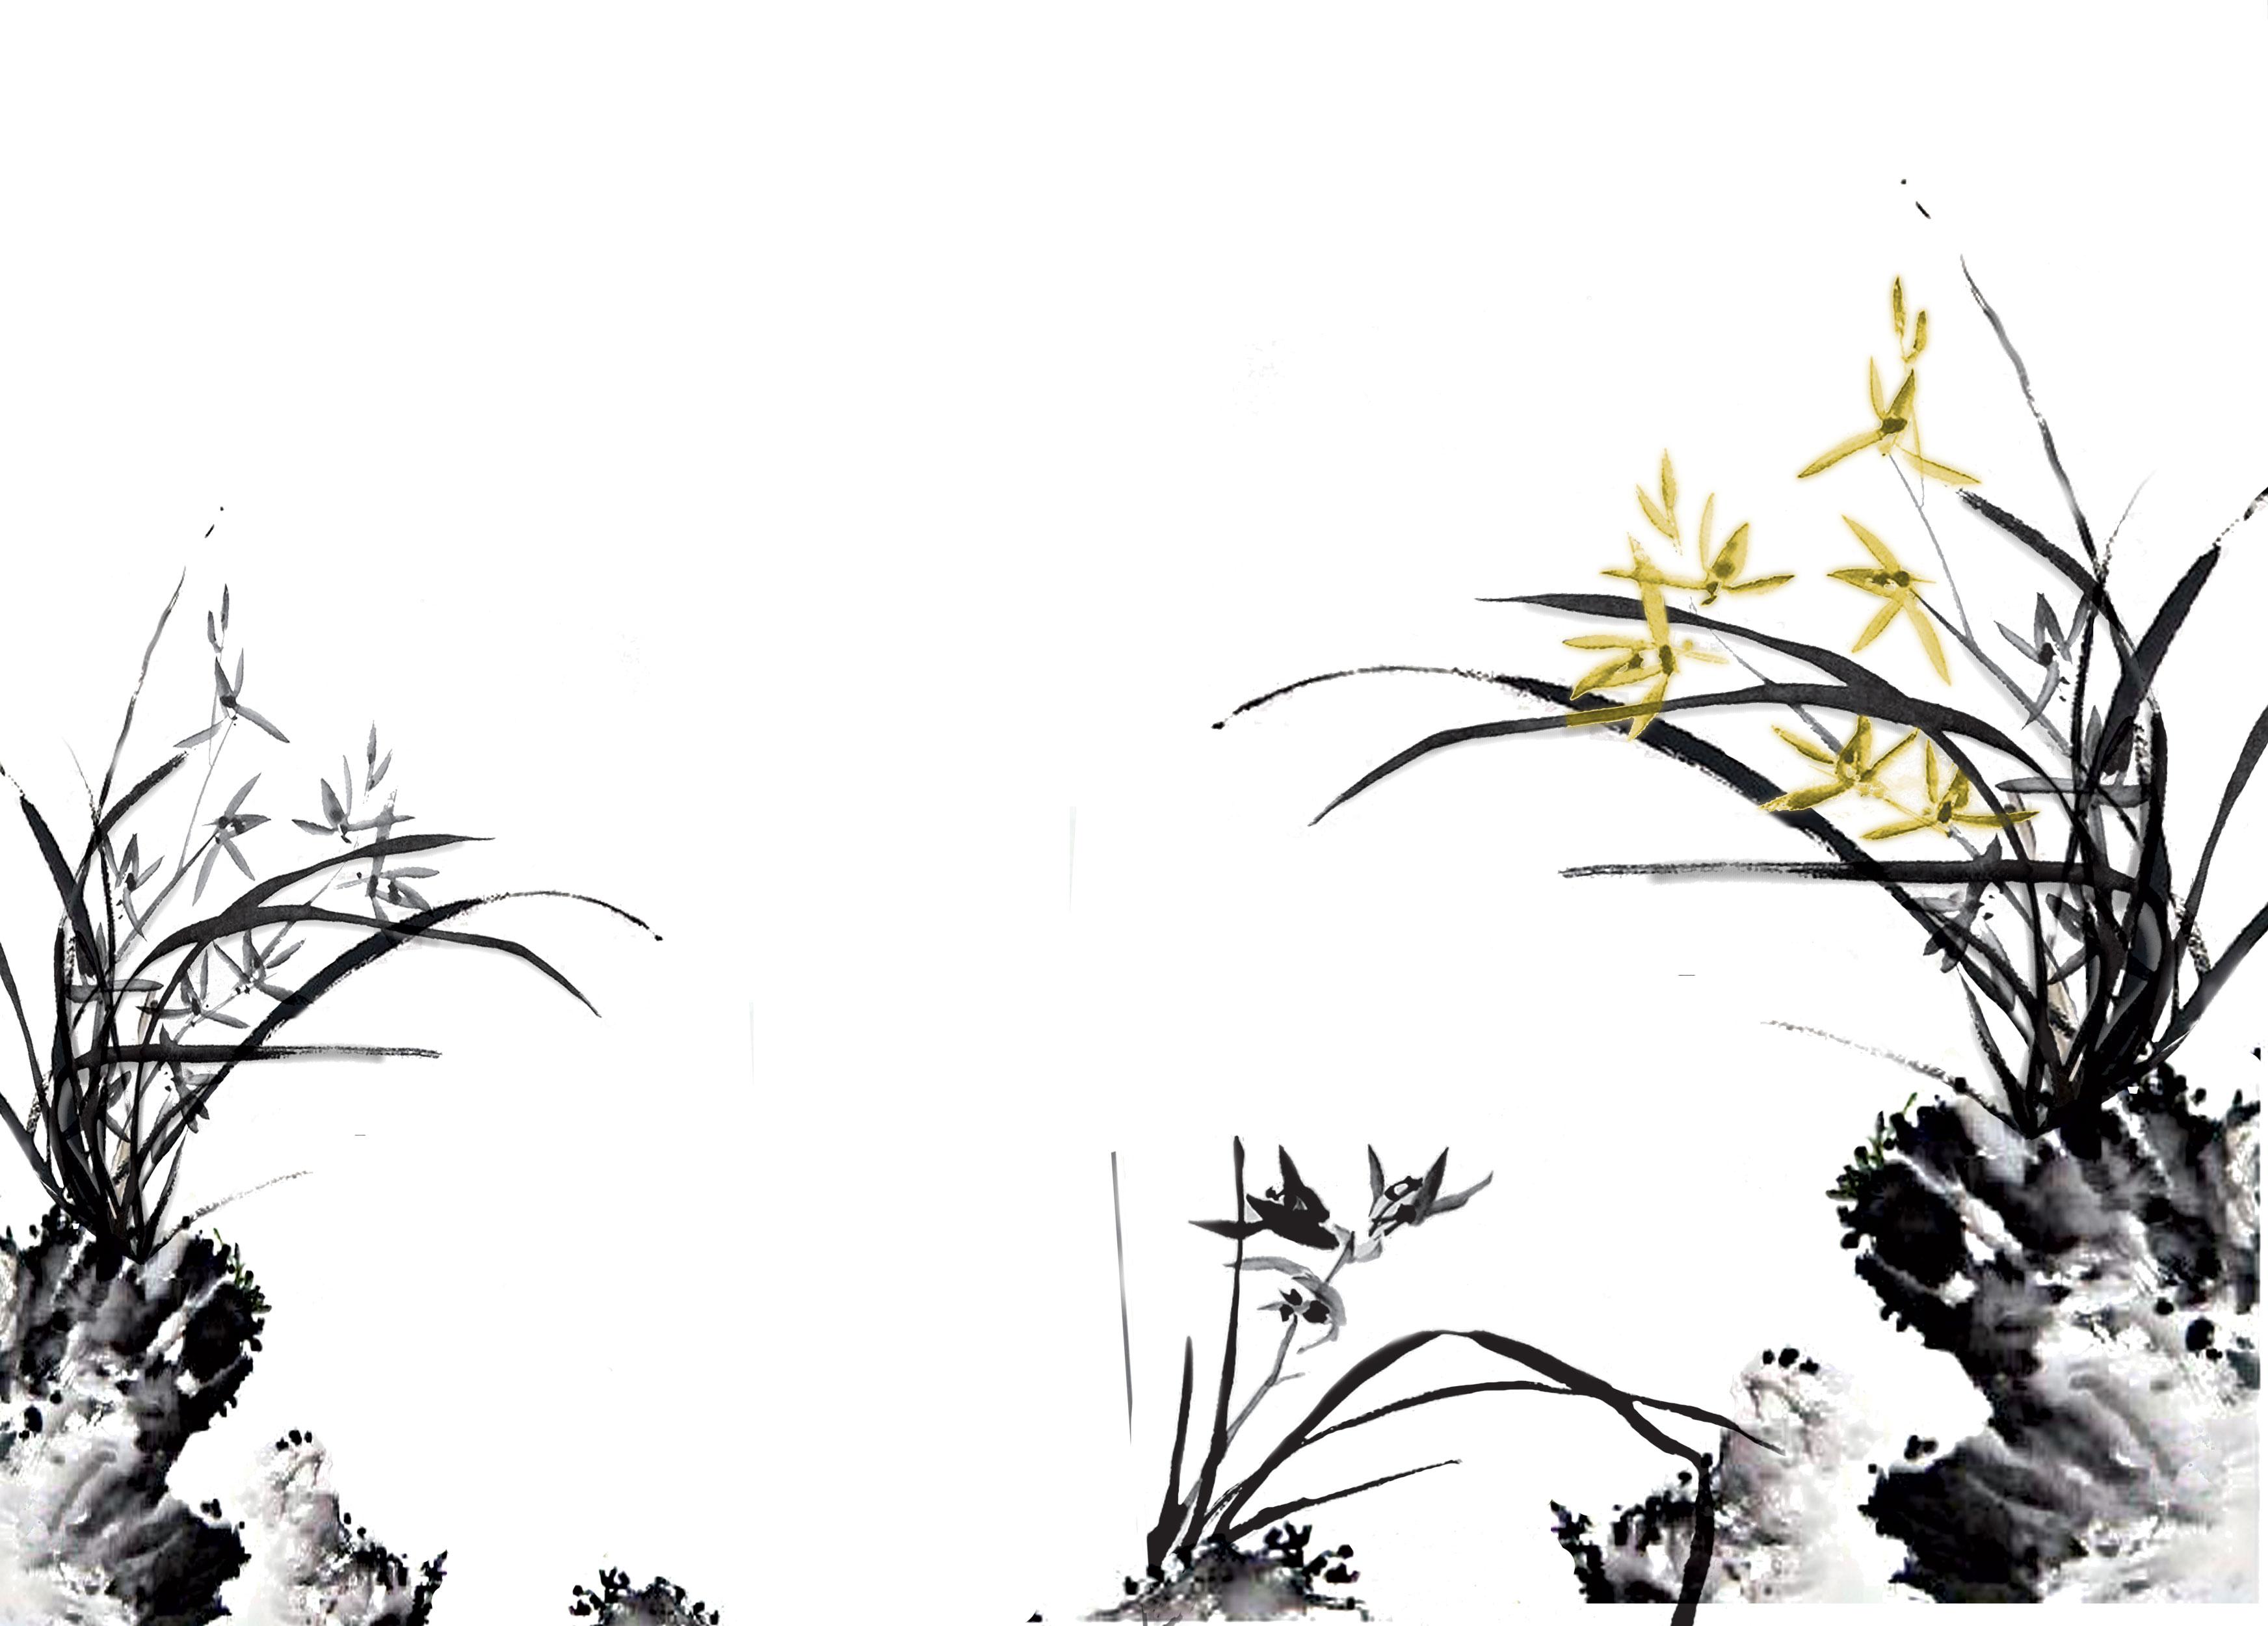 花のイラストフリー素材壁紙背景no717白黒水墨画風